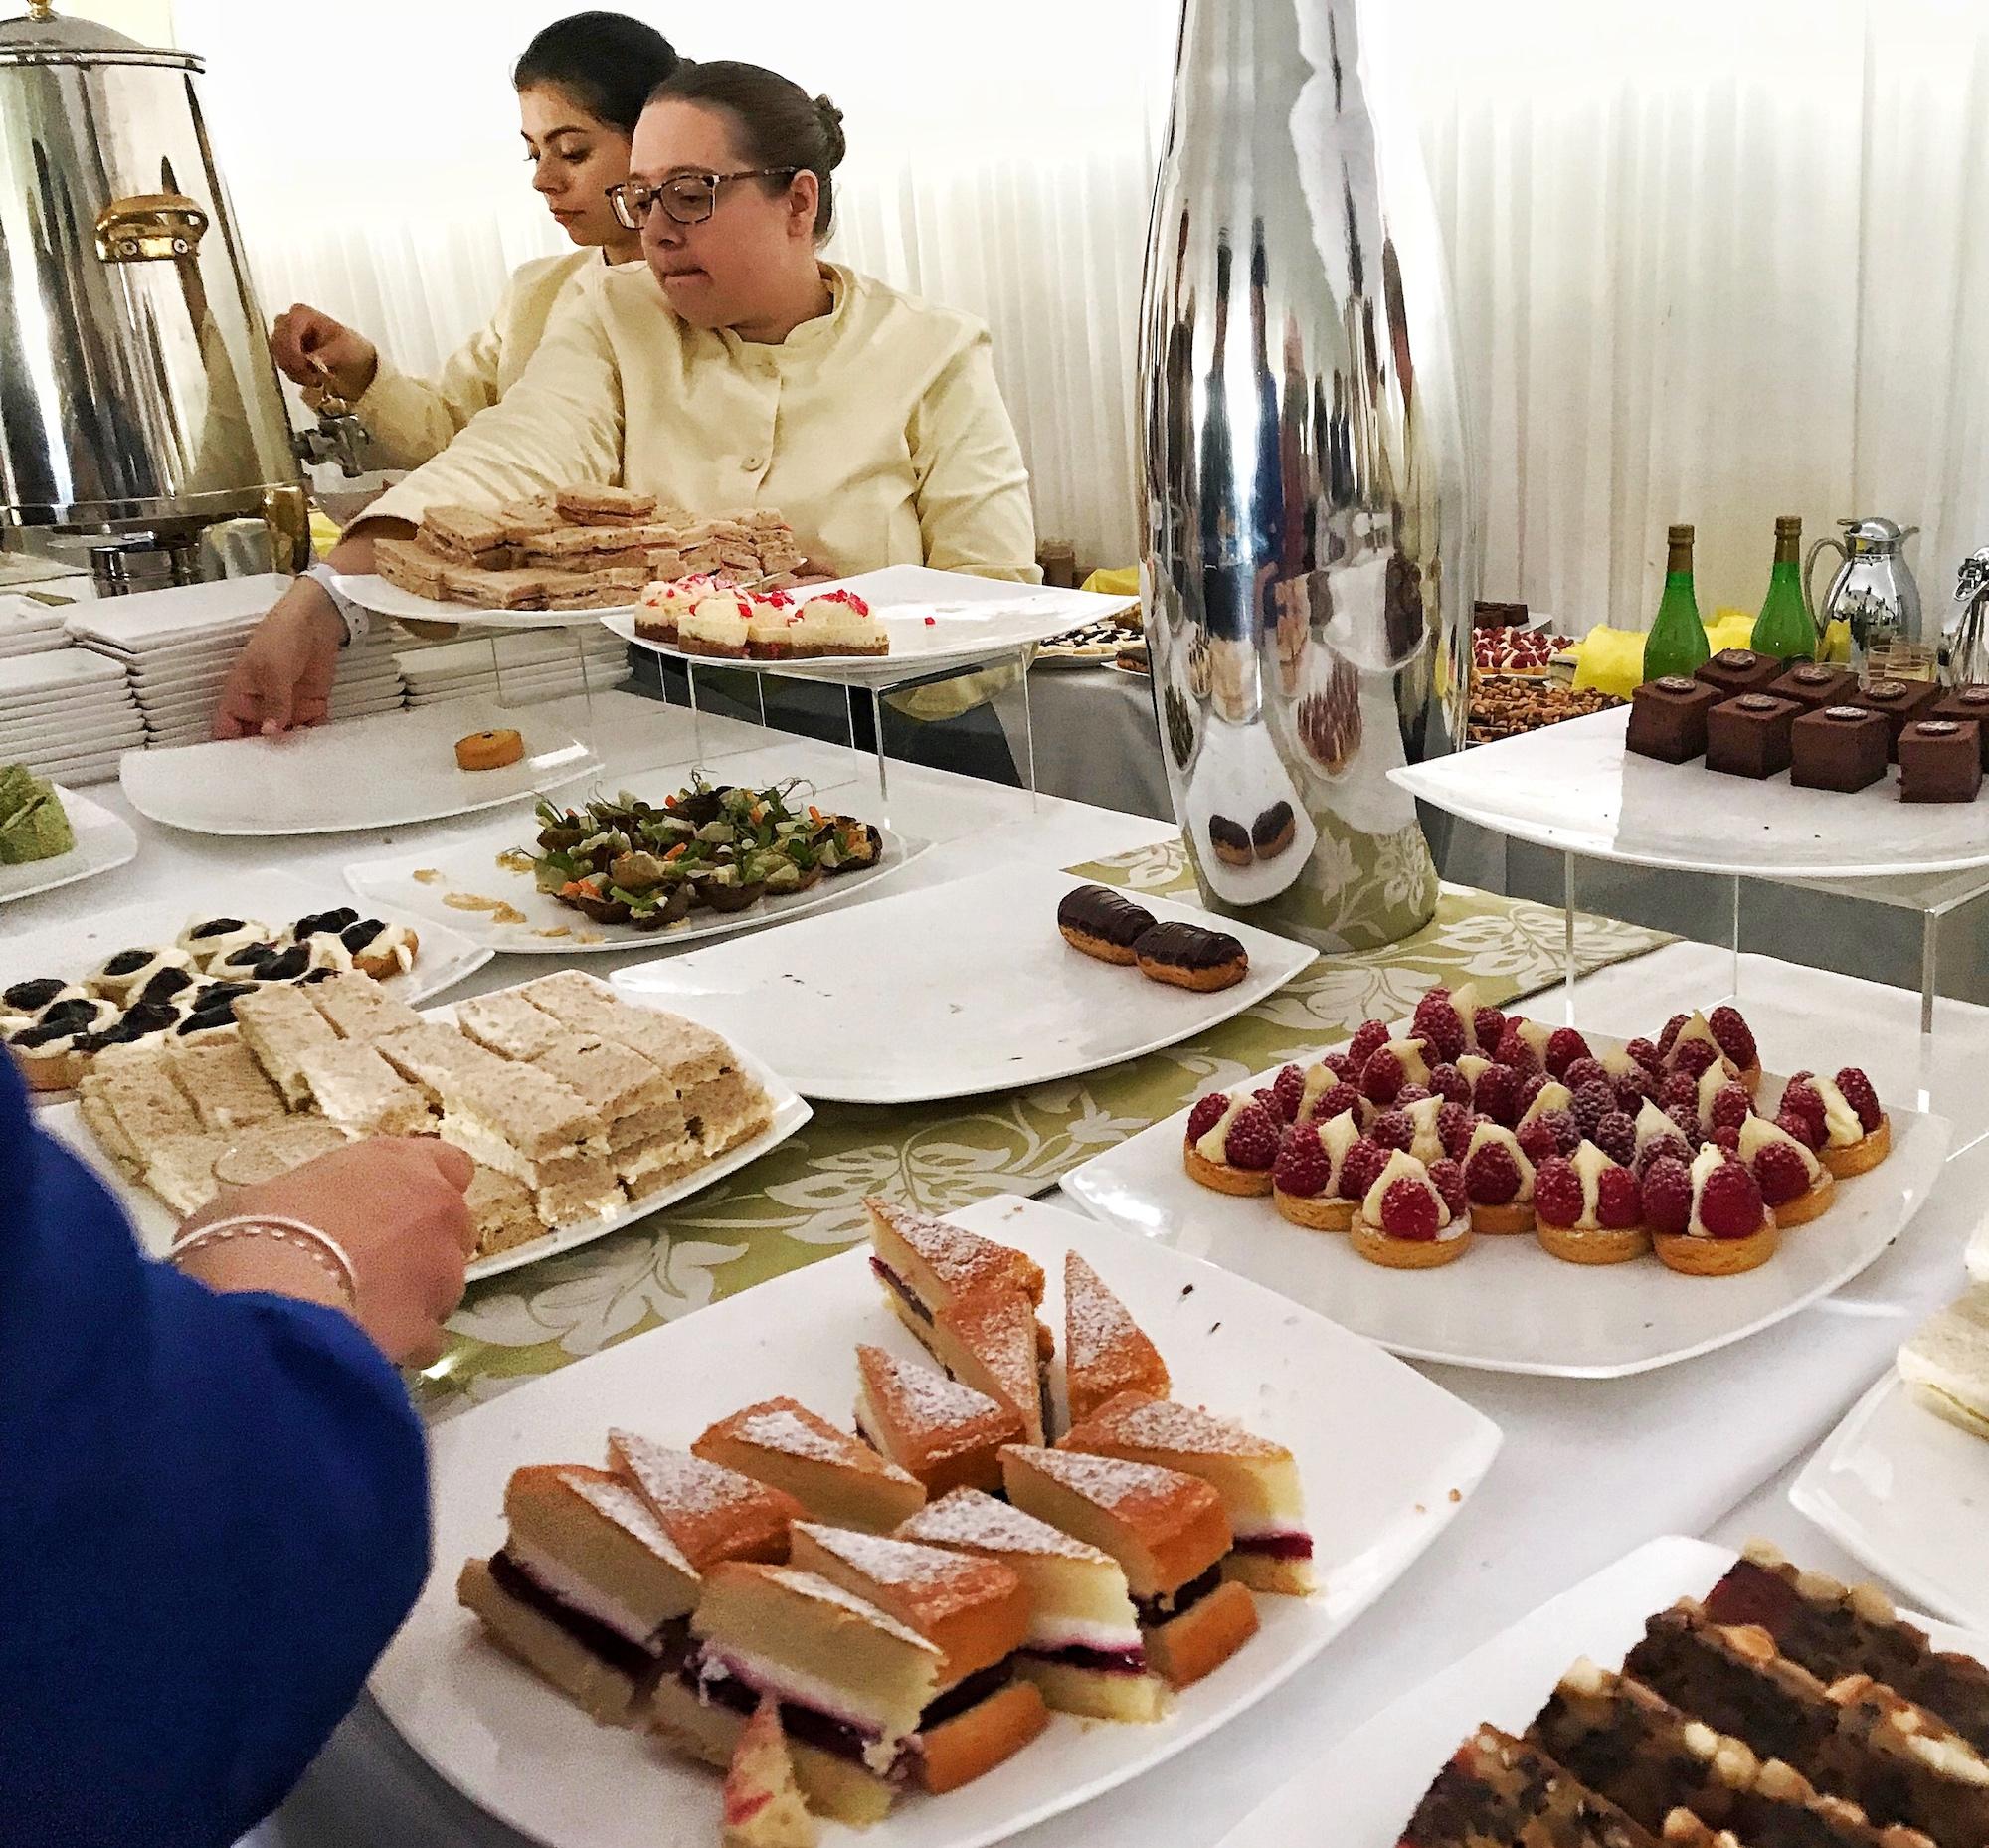 Food at Queen's Garden Party